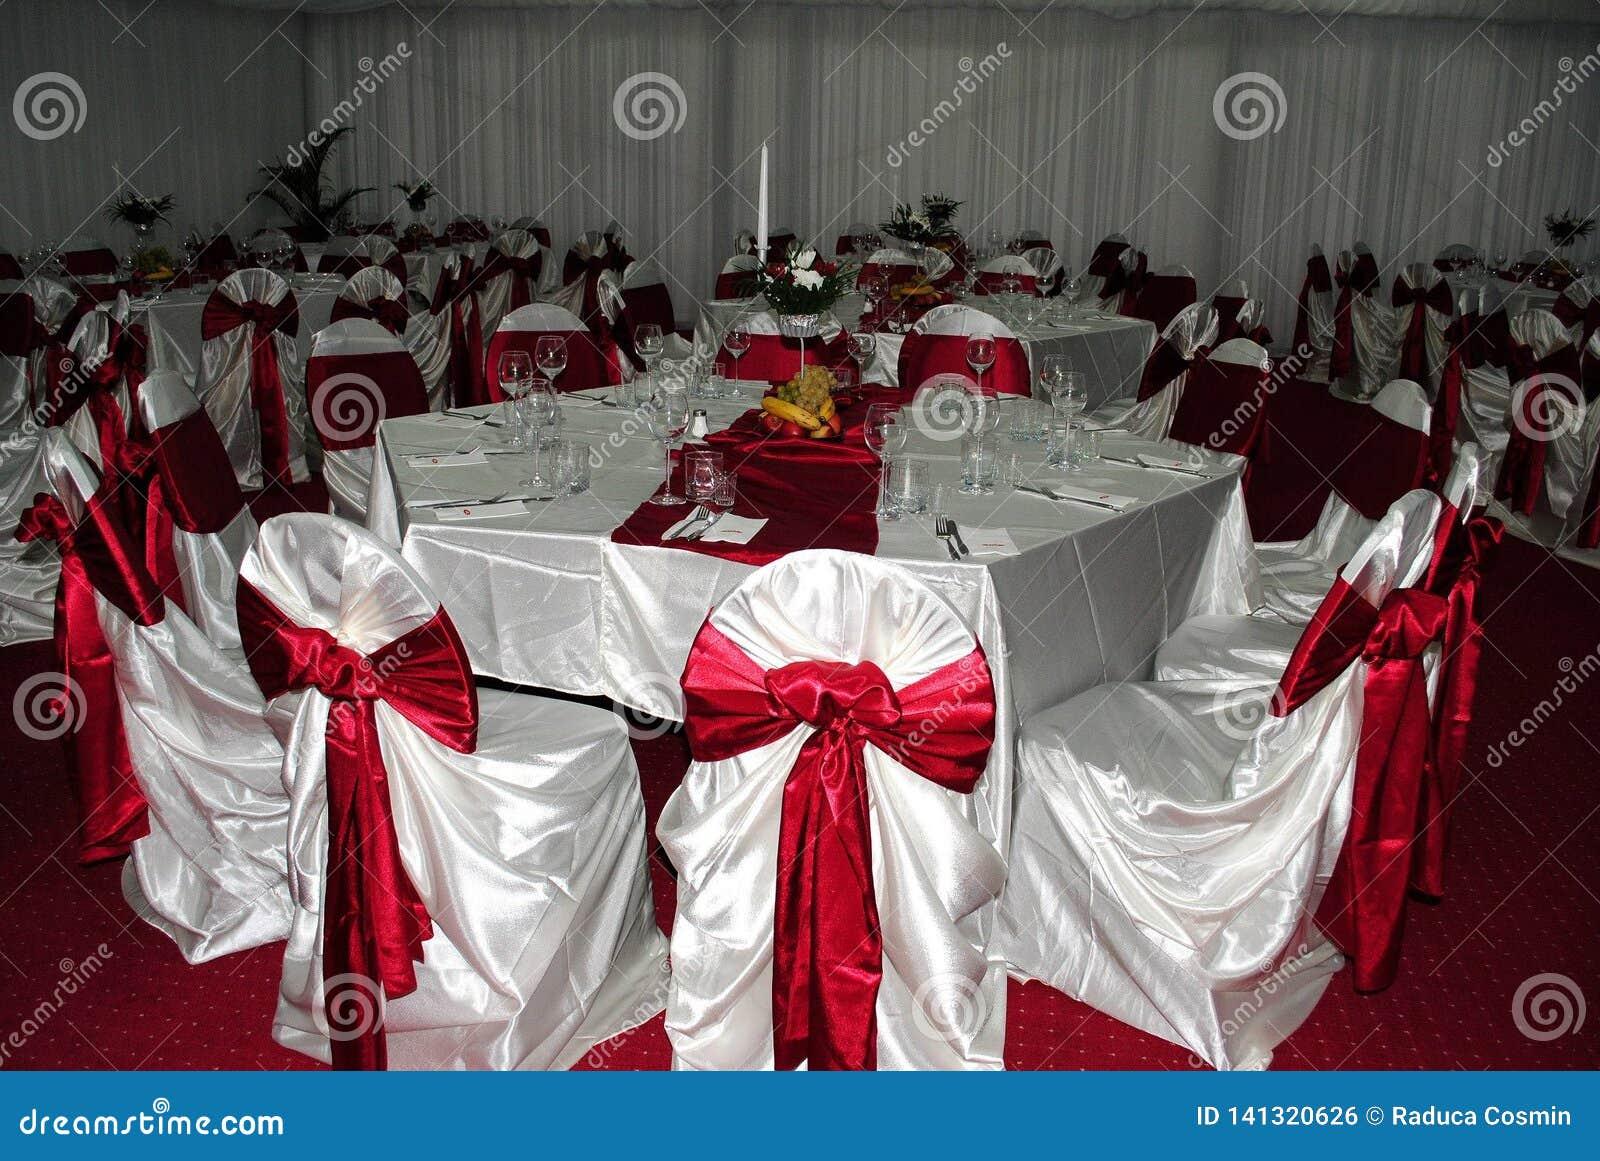 Disposizione di nozze con le sedie bianche e rosse che aspettano gli ospiti di g